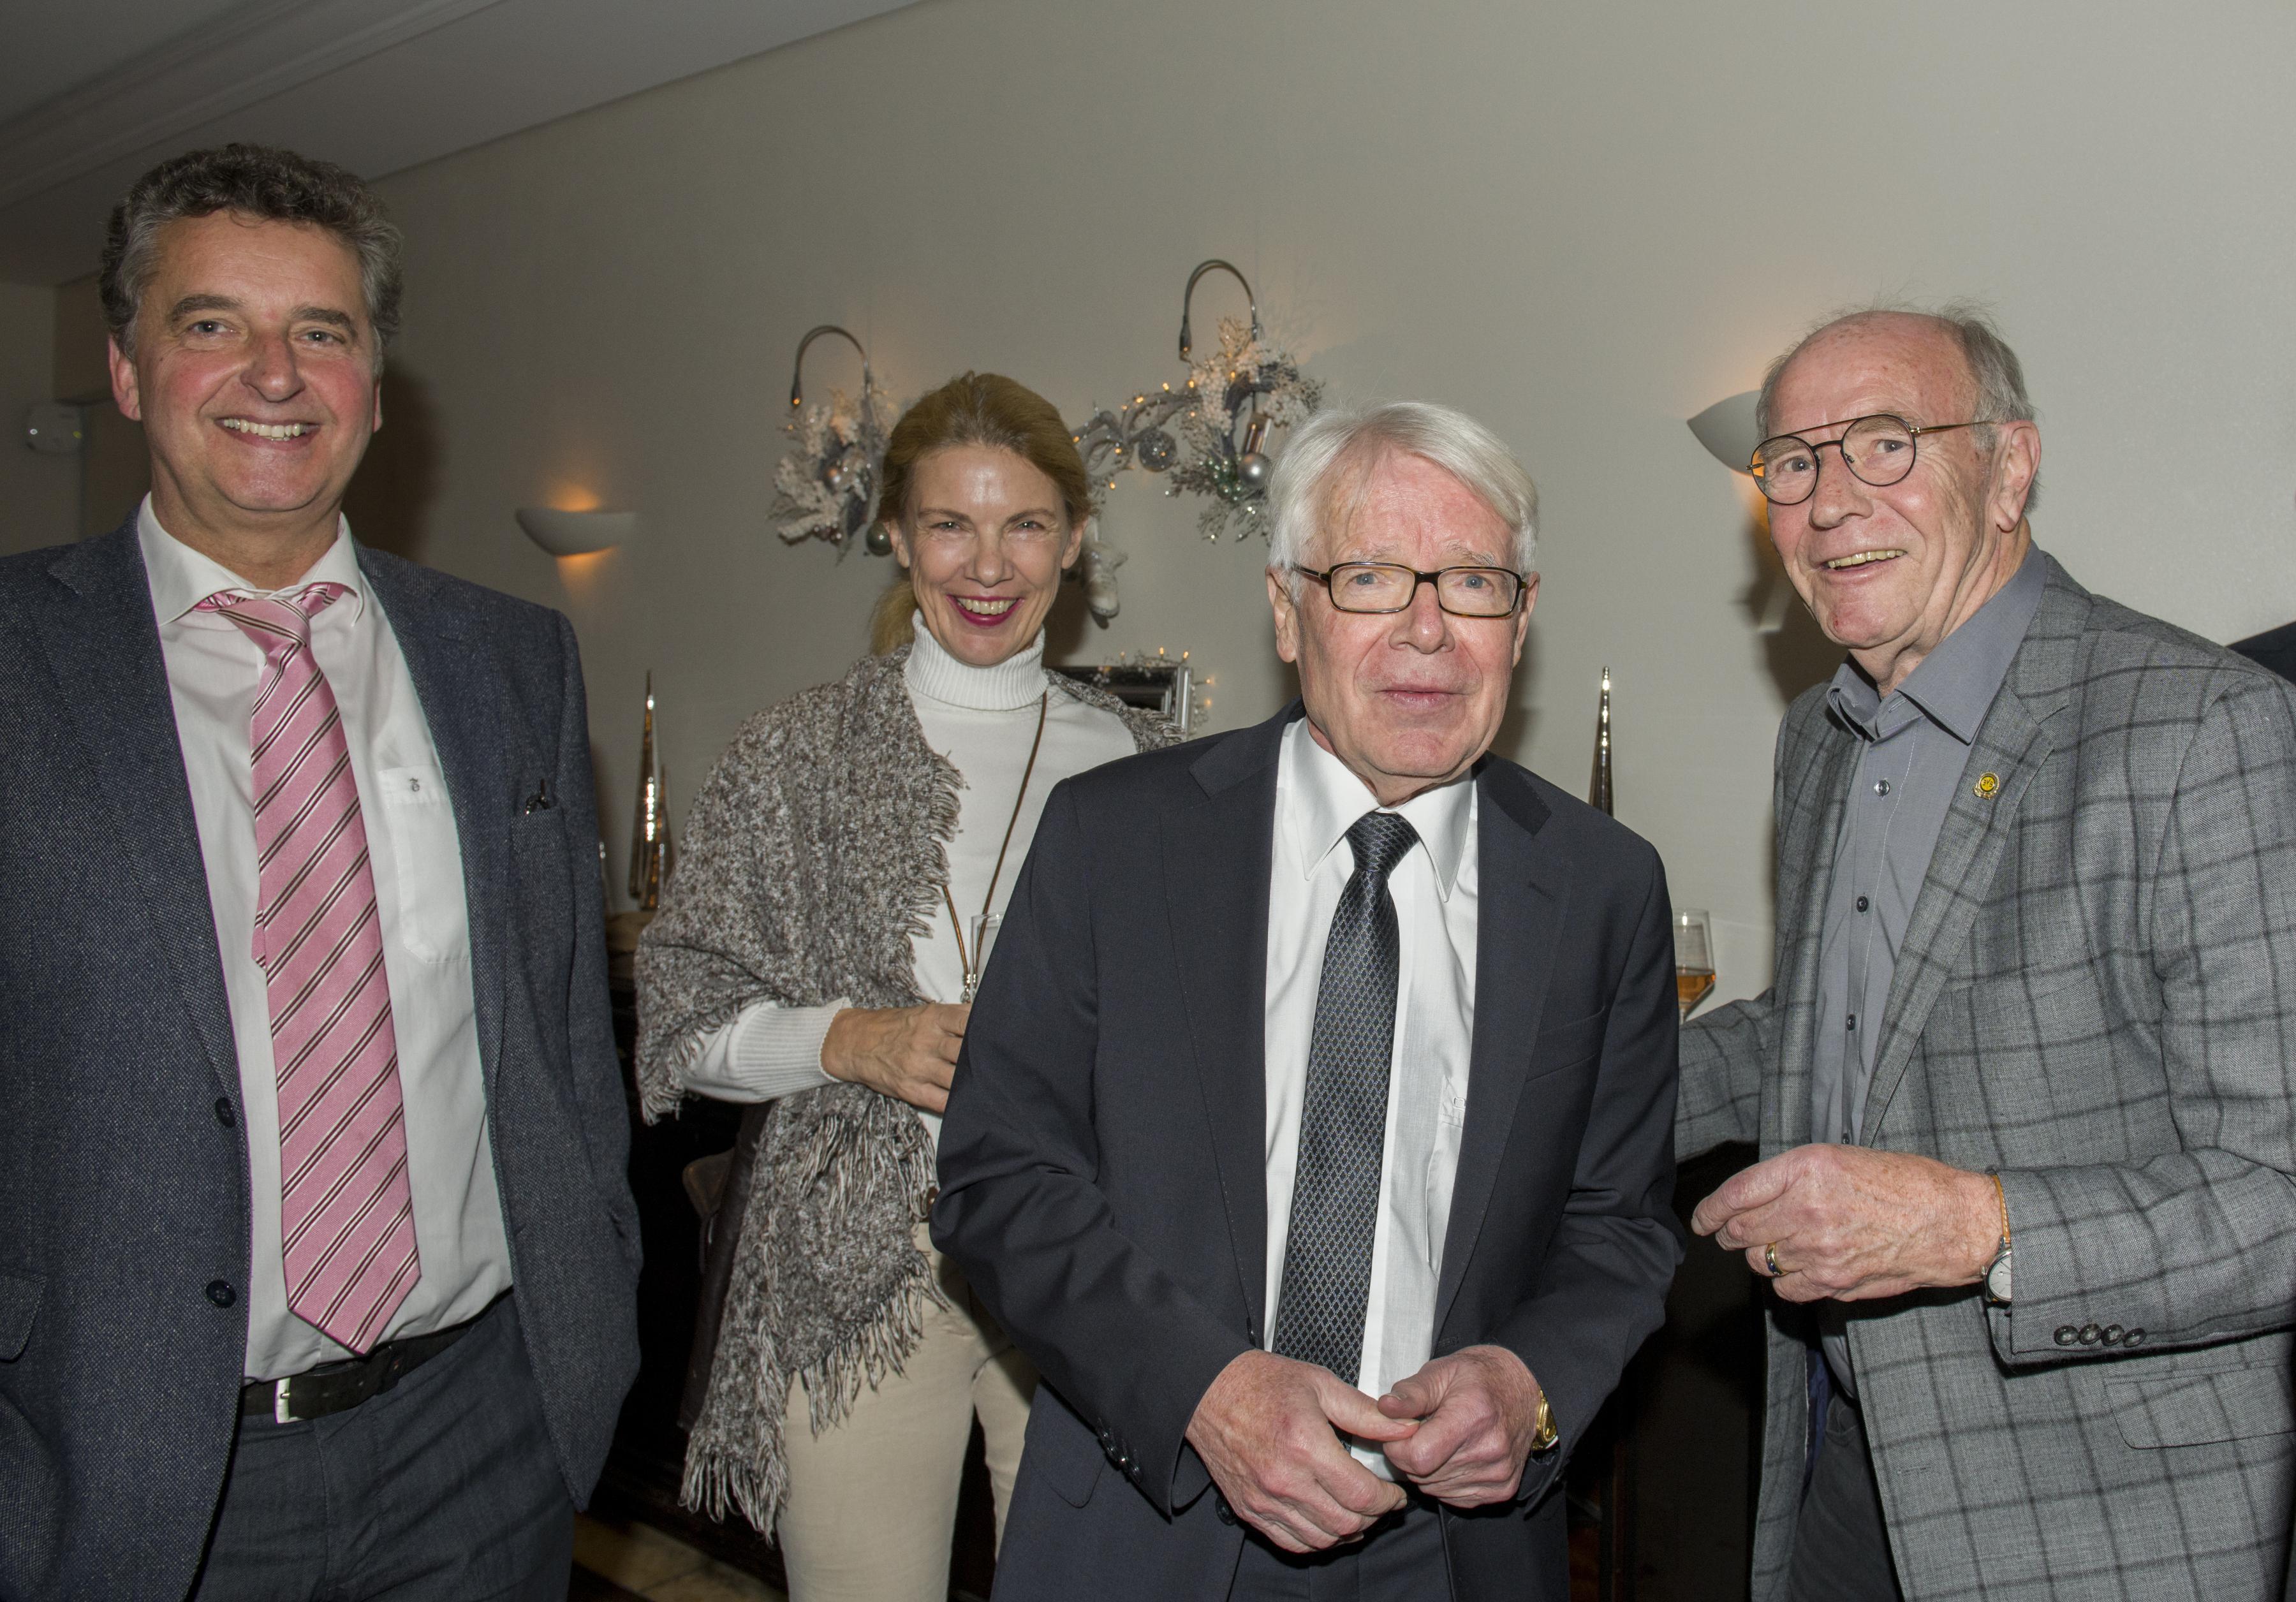 Wolfgang Paul rechts im Bild mit Reinhard Rauball